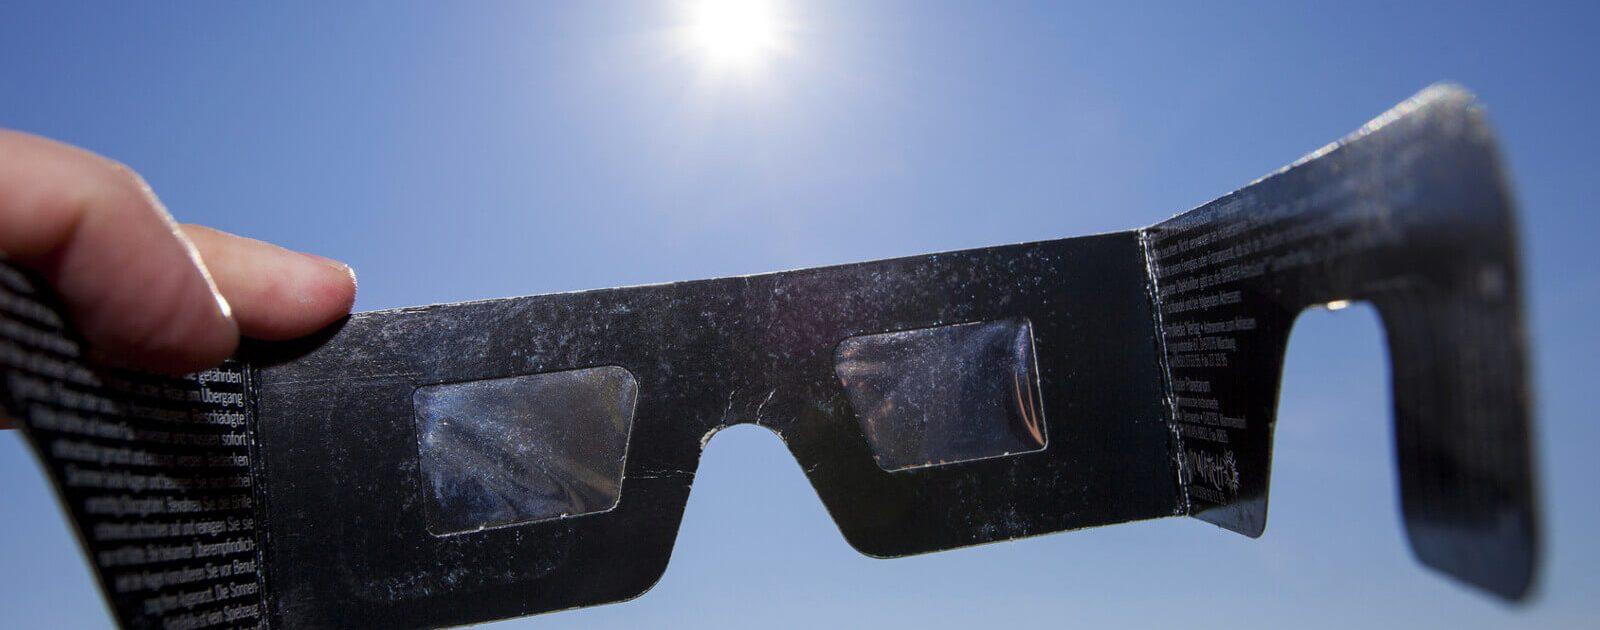 Spezielle Brille zum Beobachten einer Sonnenfinsternis.